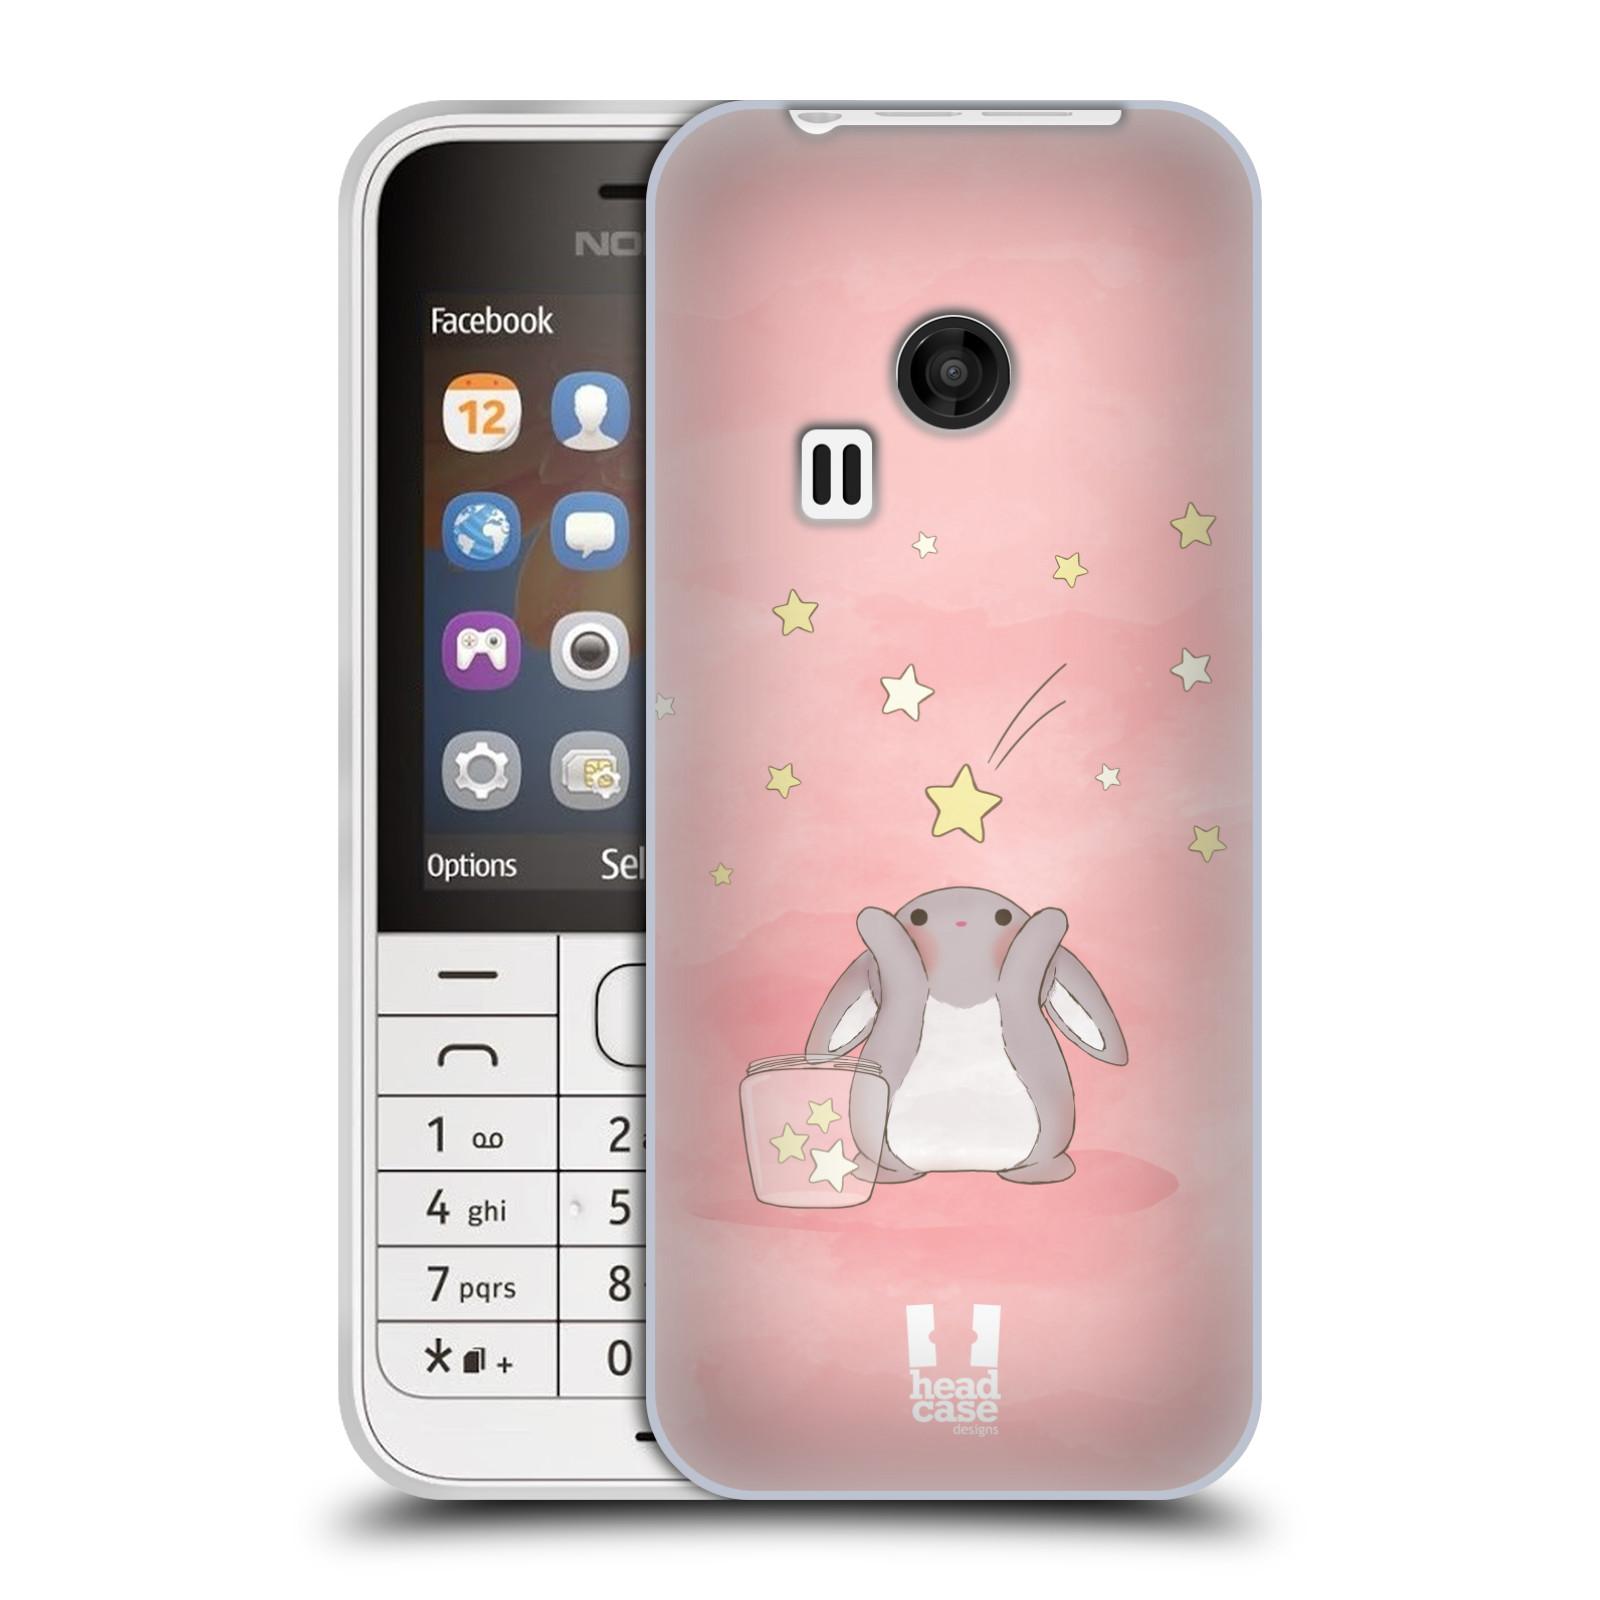 HEAD CASE silikonový obal na mobil NOKIA 220 / NOKIA 220 DUAL SIM vzor králíček a hvězdy růžová